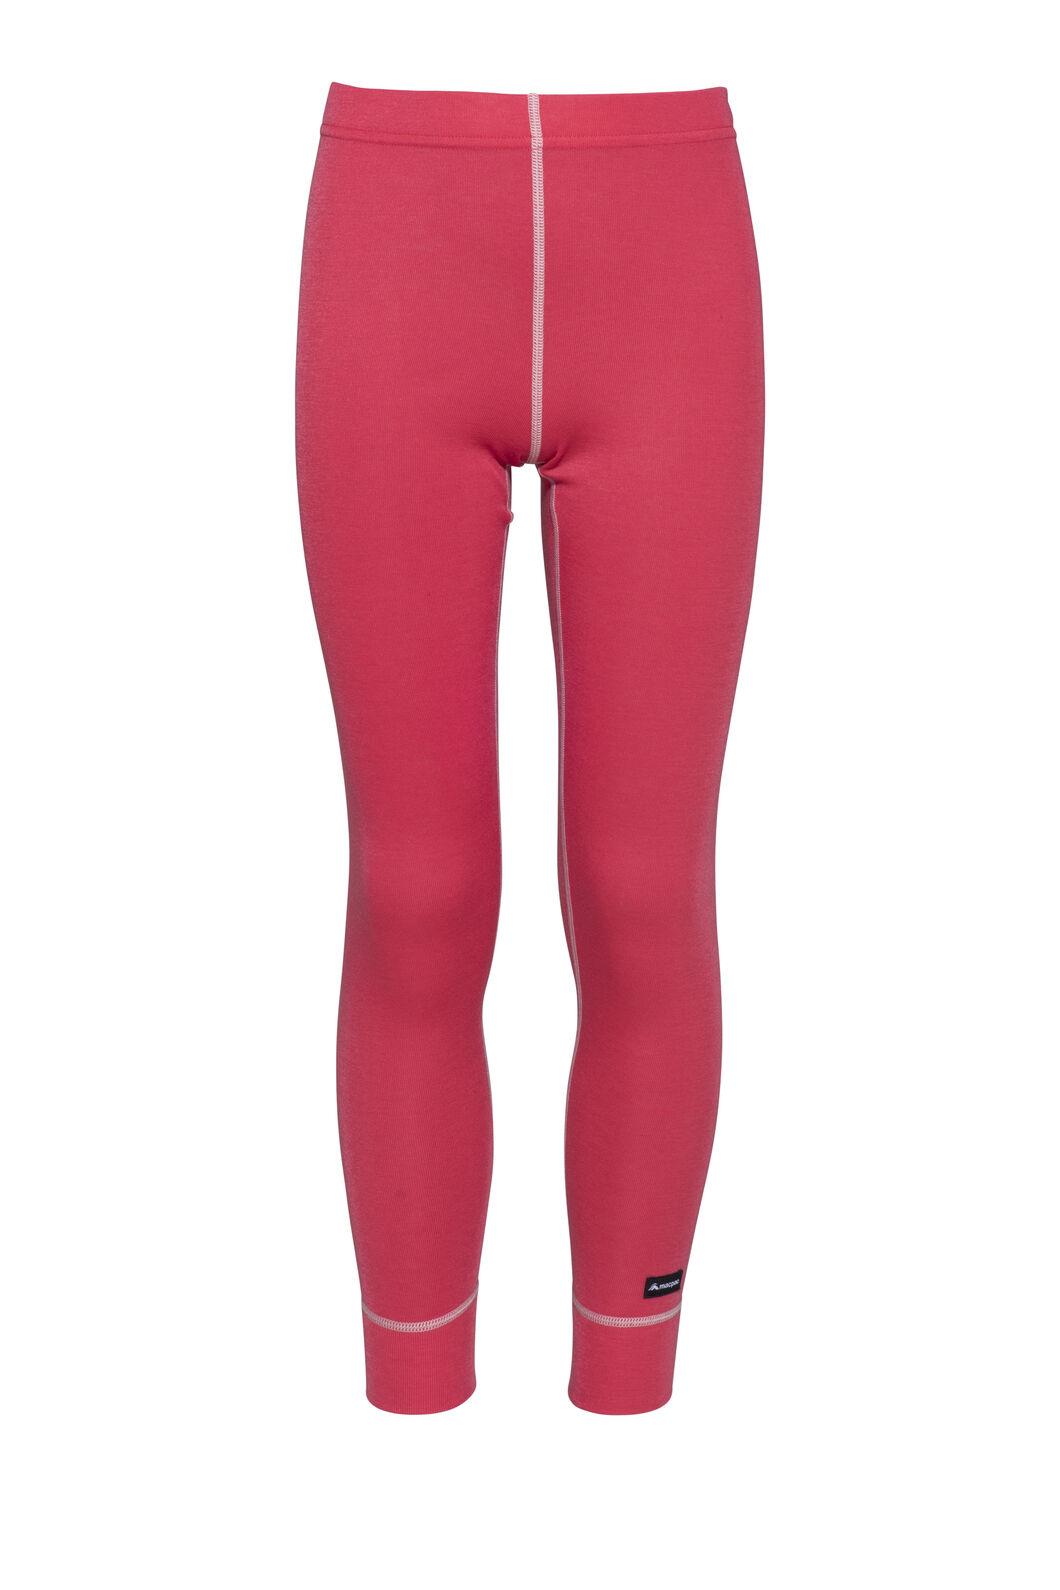 Macpac Geothermal Pants — Kids', Rouge Red, hi-res